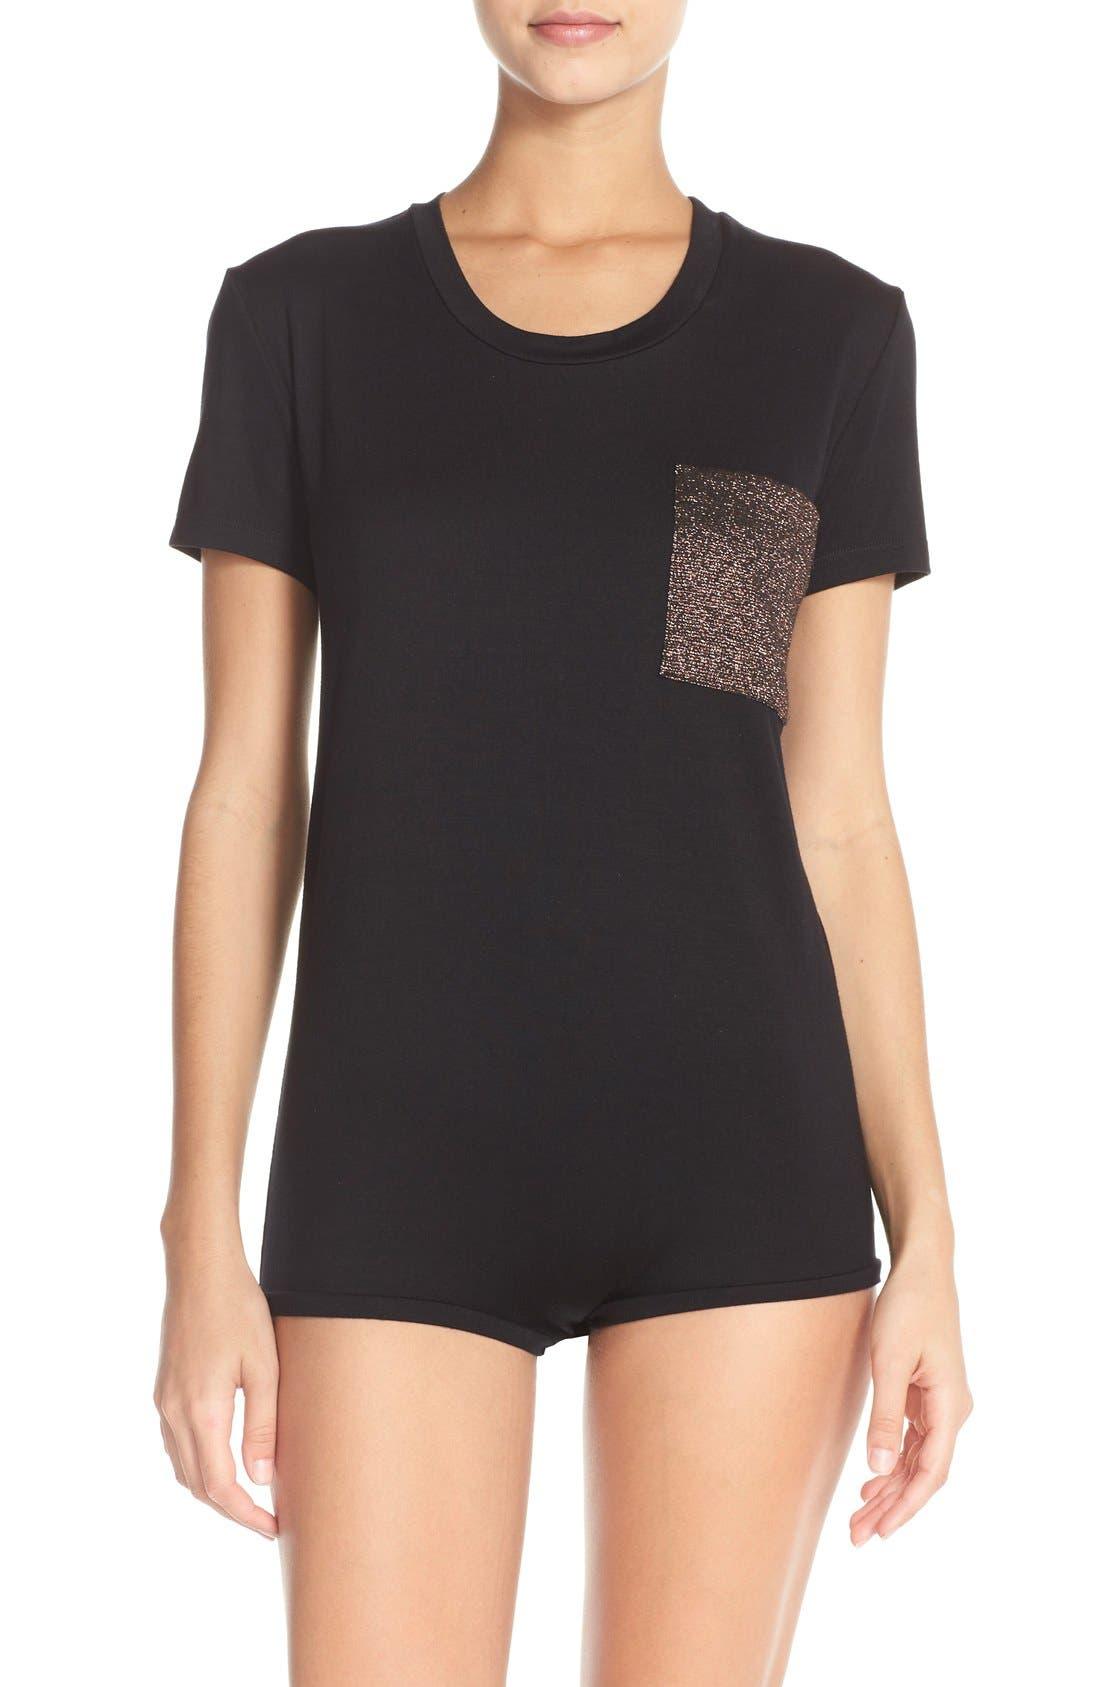 Main Image - ALIX 'Essex' Tee Bodysuit (Nordstrom Exclusive)